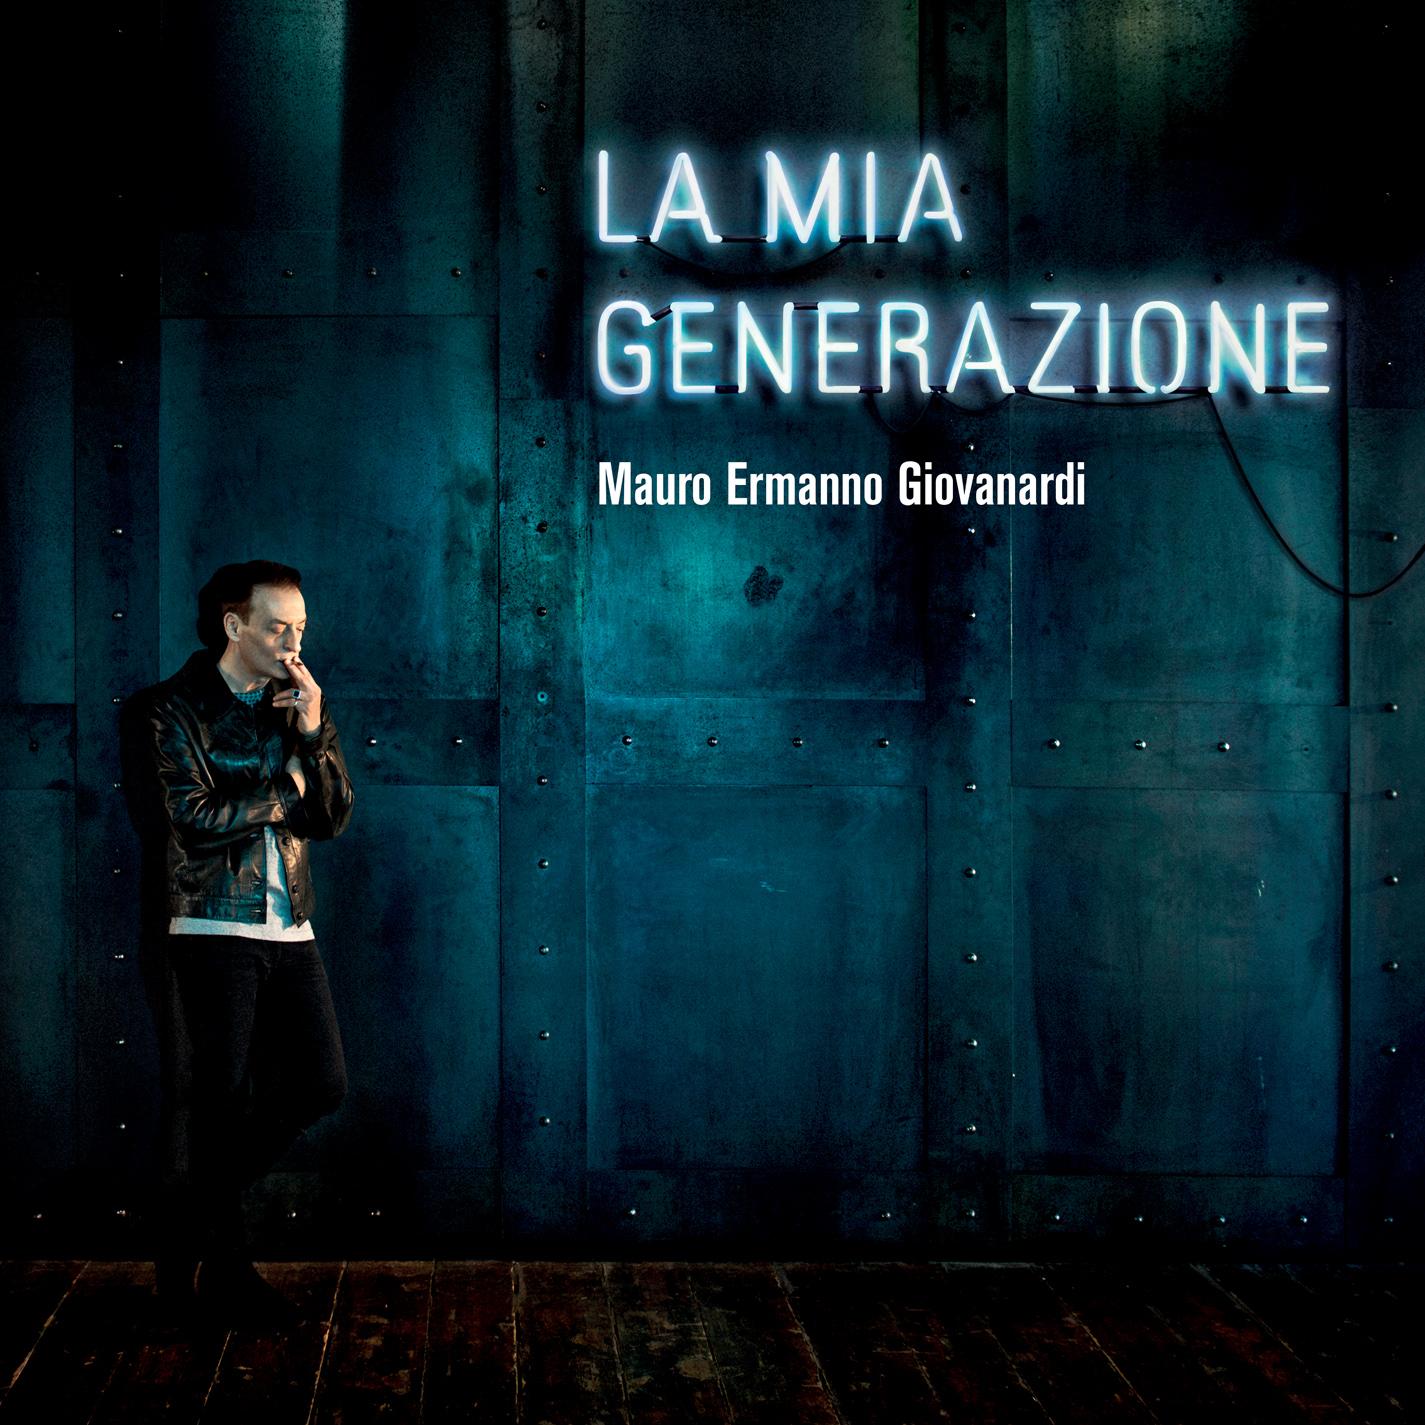 La mia generazione -Giovanardi